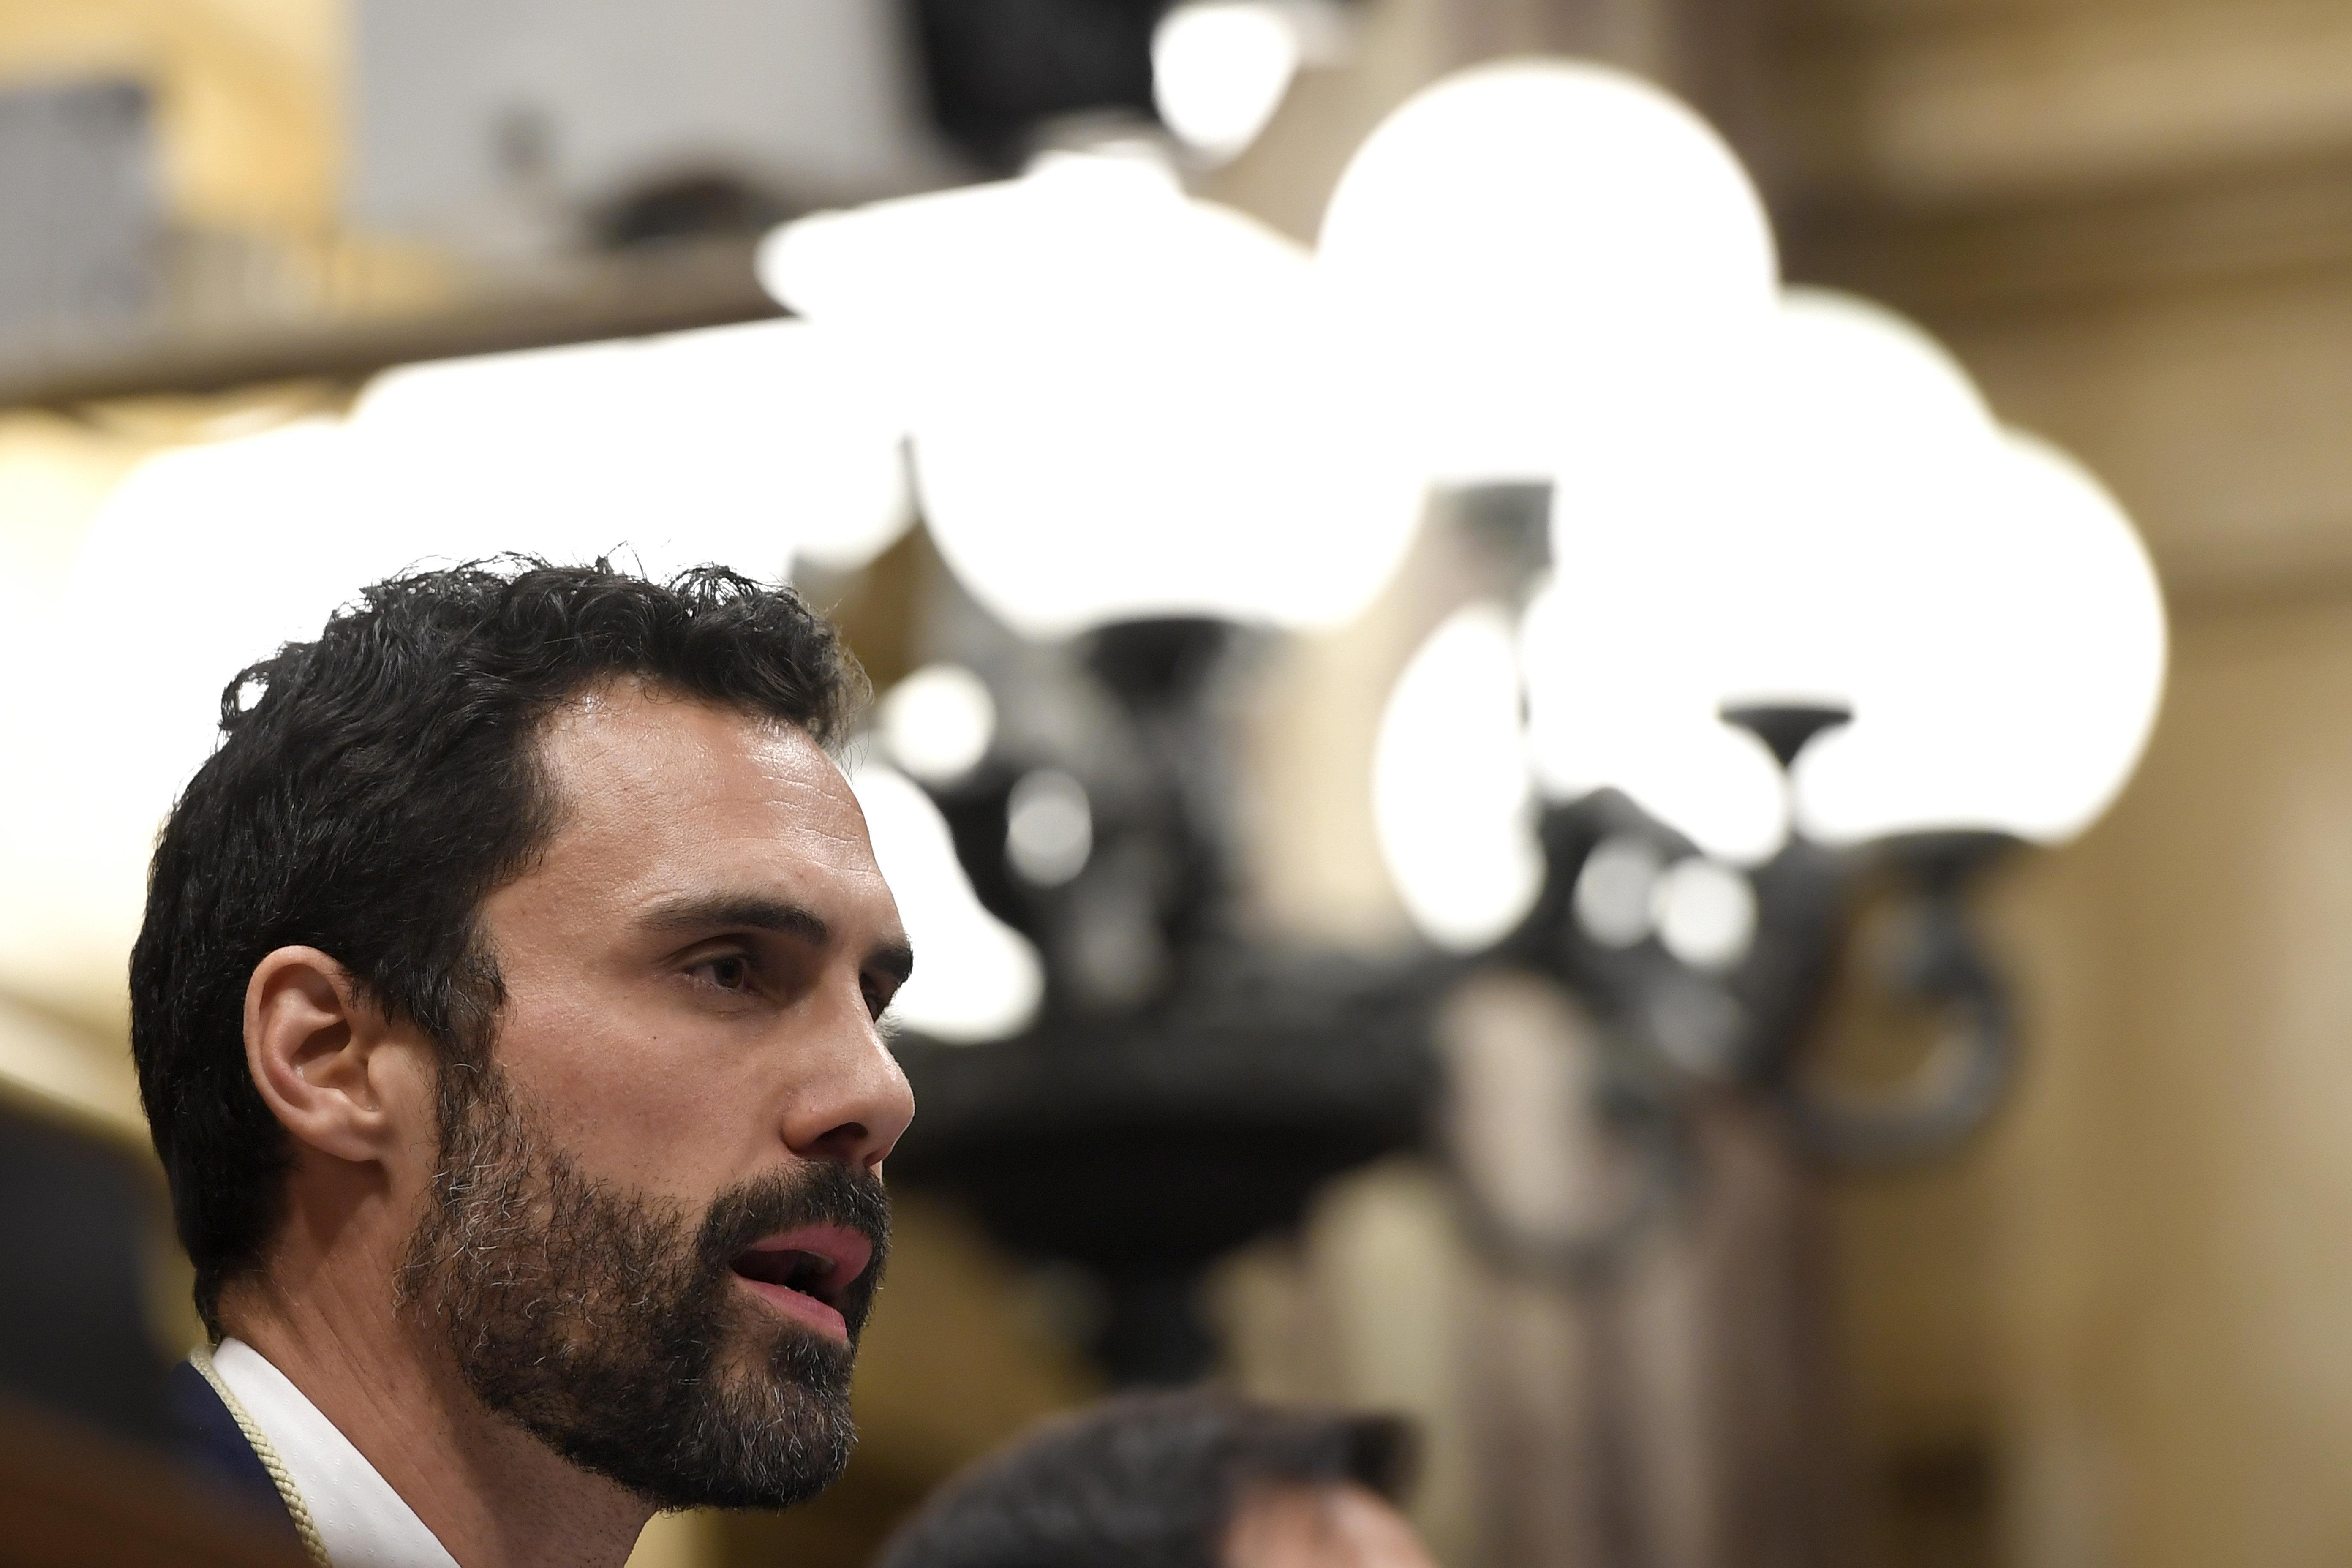 Γιατί ο νέος πρόεδρος της καταλανικής Βουλής έγινε